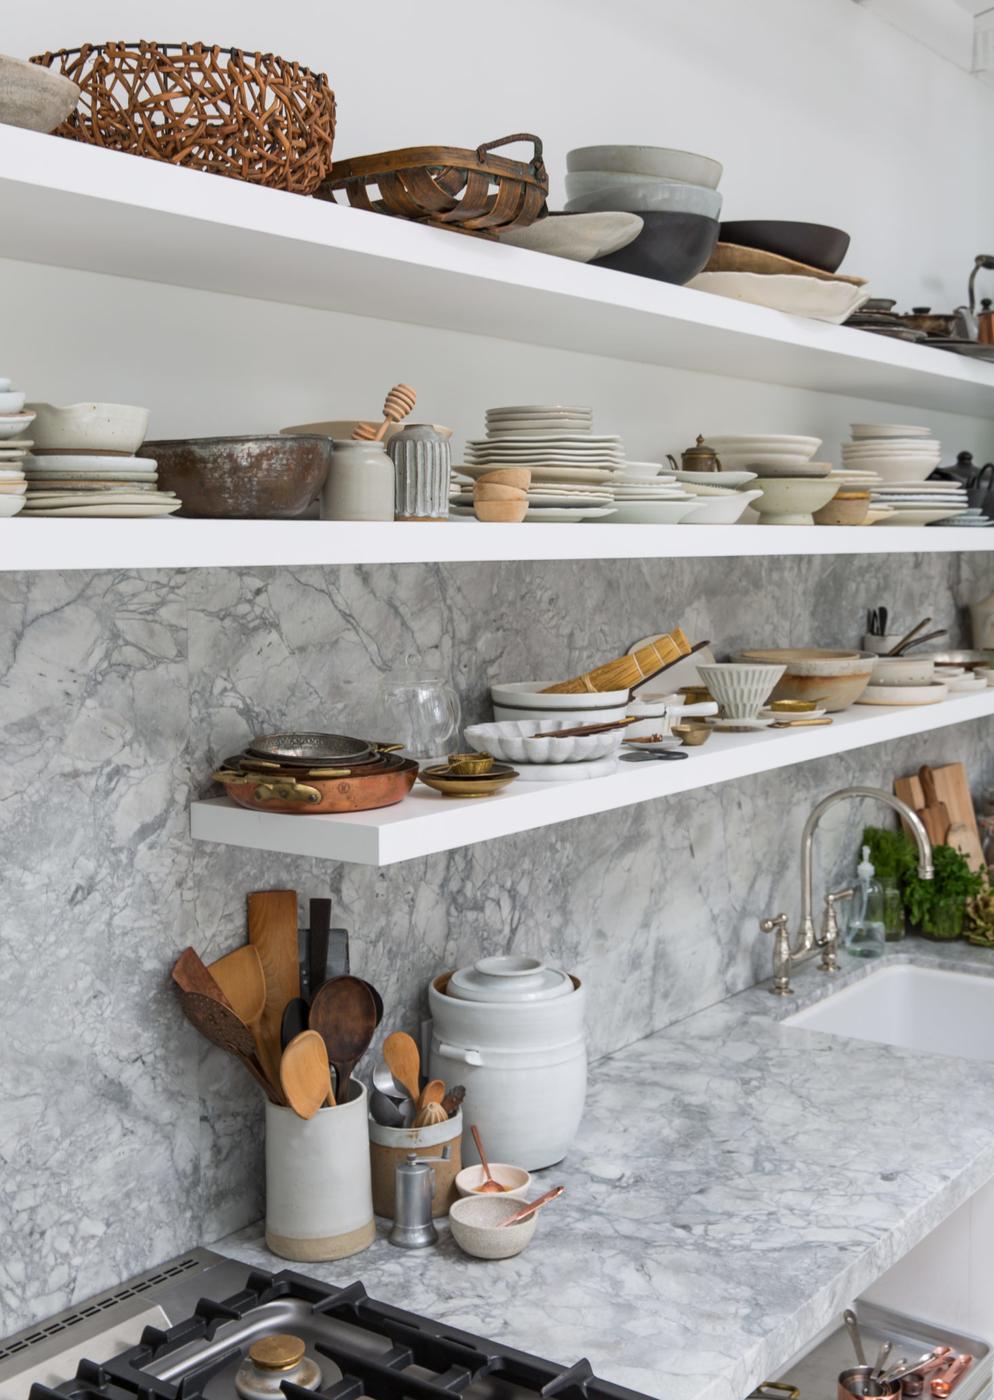 erin-scott-photo-studio-kitchen-counter-and-shelves-1466x2065.jpg